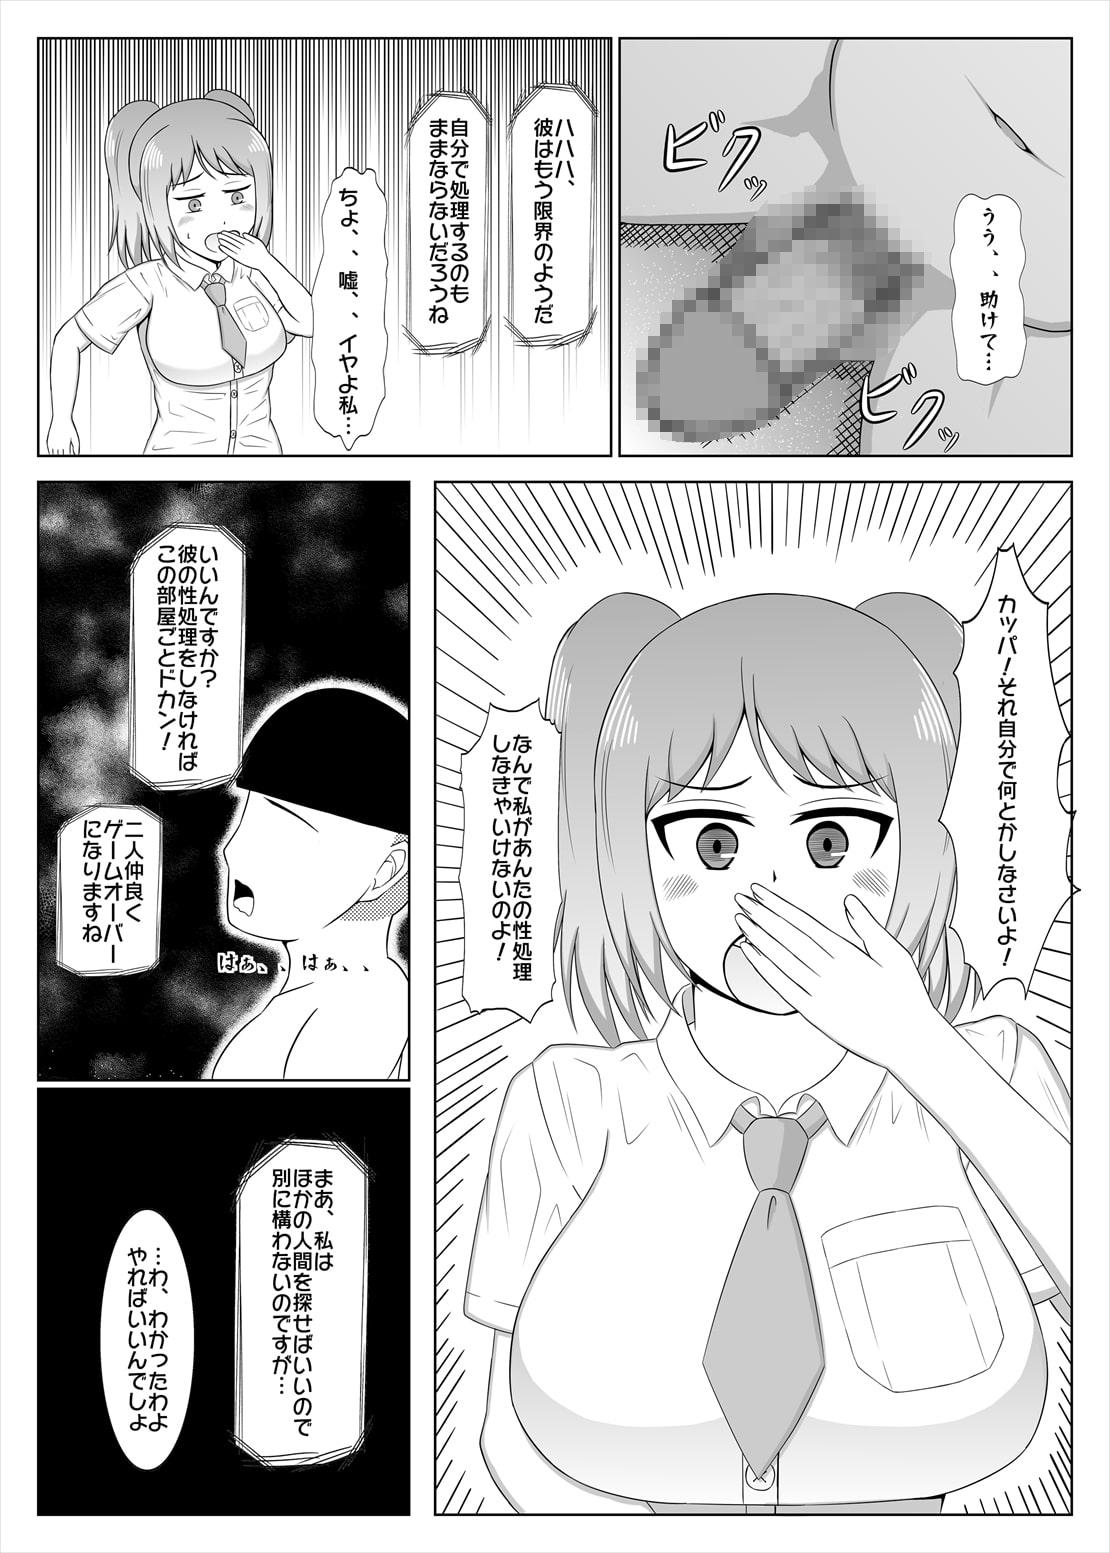 強制性交 ―ハメハメの野望― イジメっ娘JK アコの場合